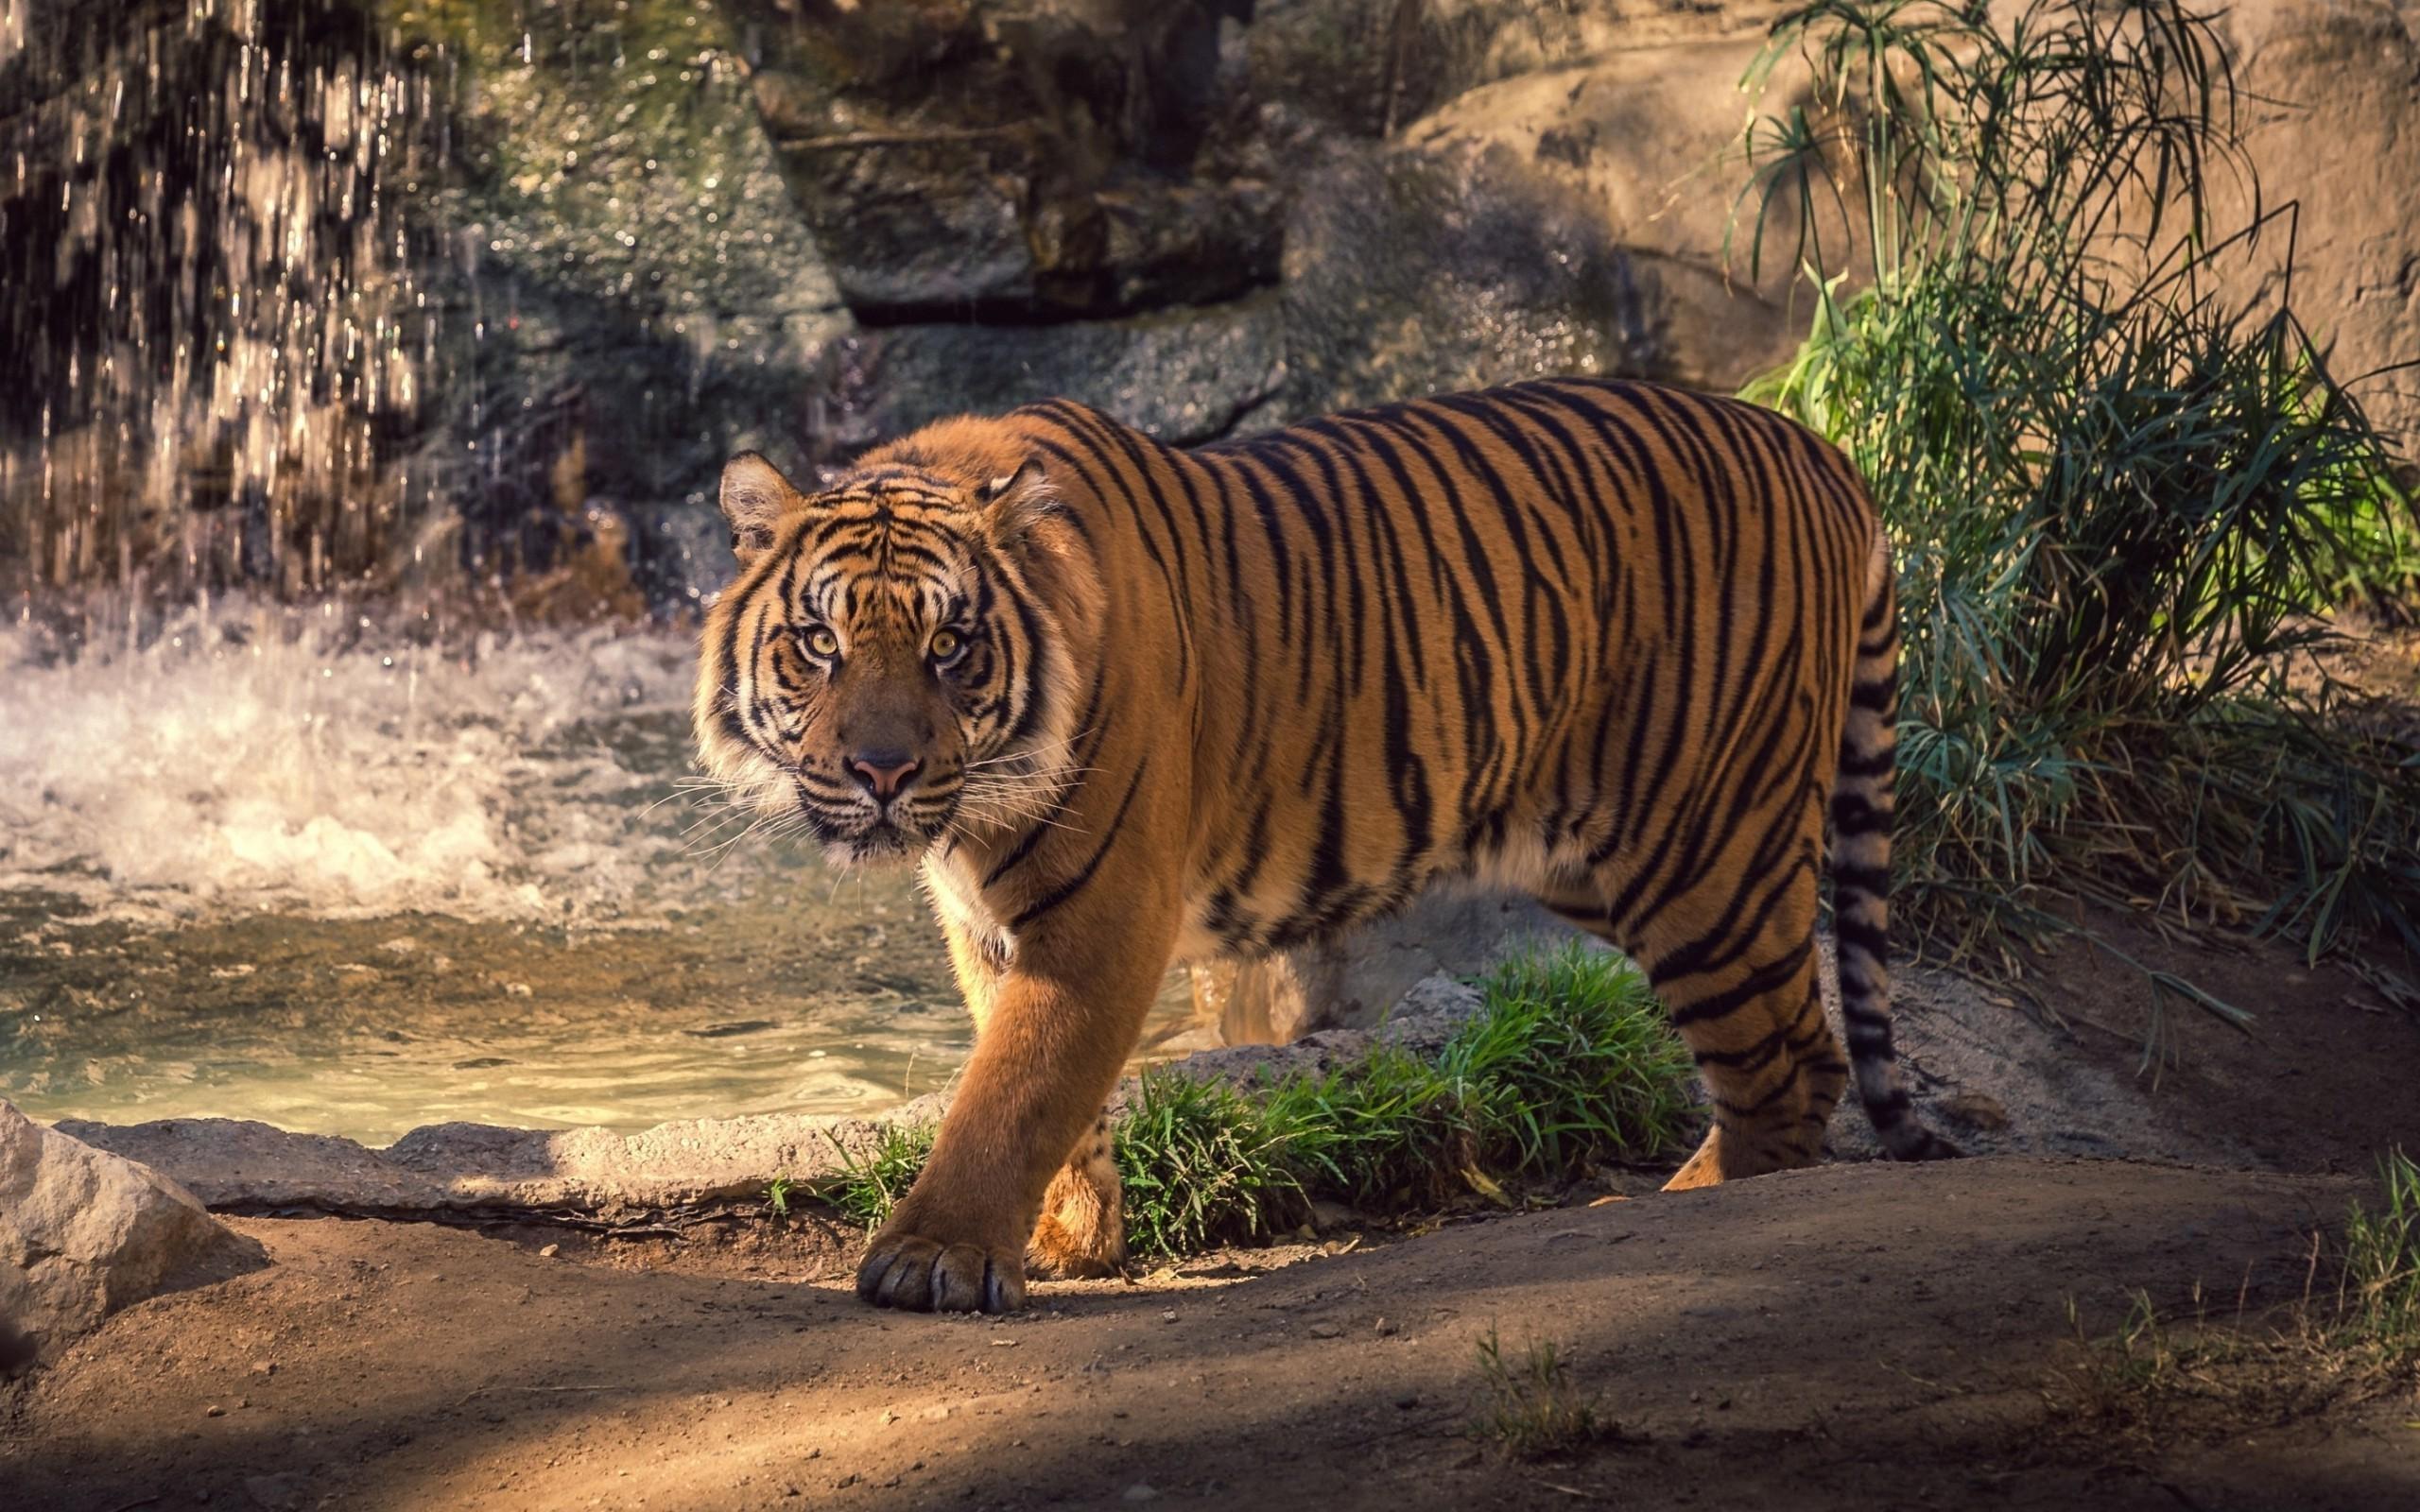 природа животные тигры nature animals tigers  № 1297246  скачать